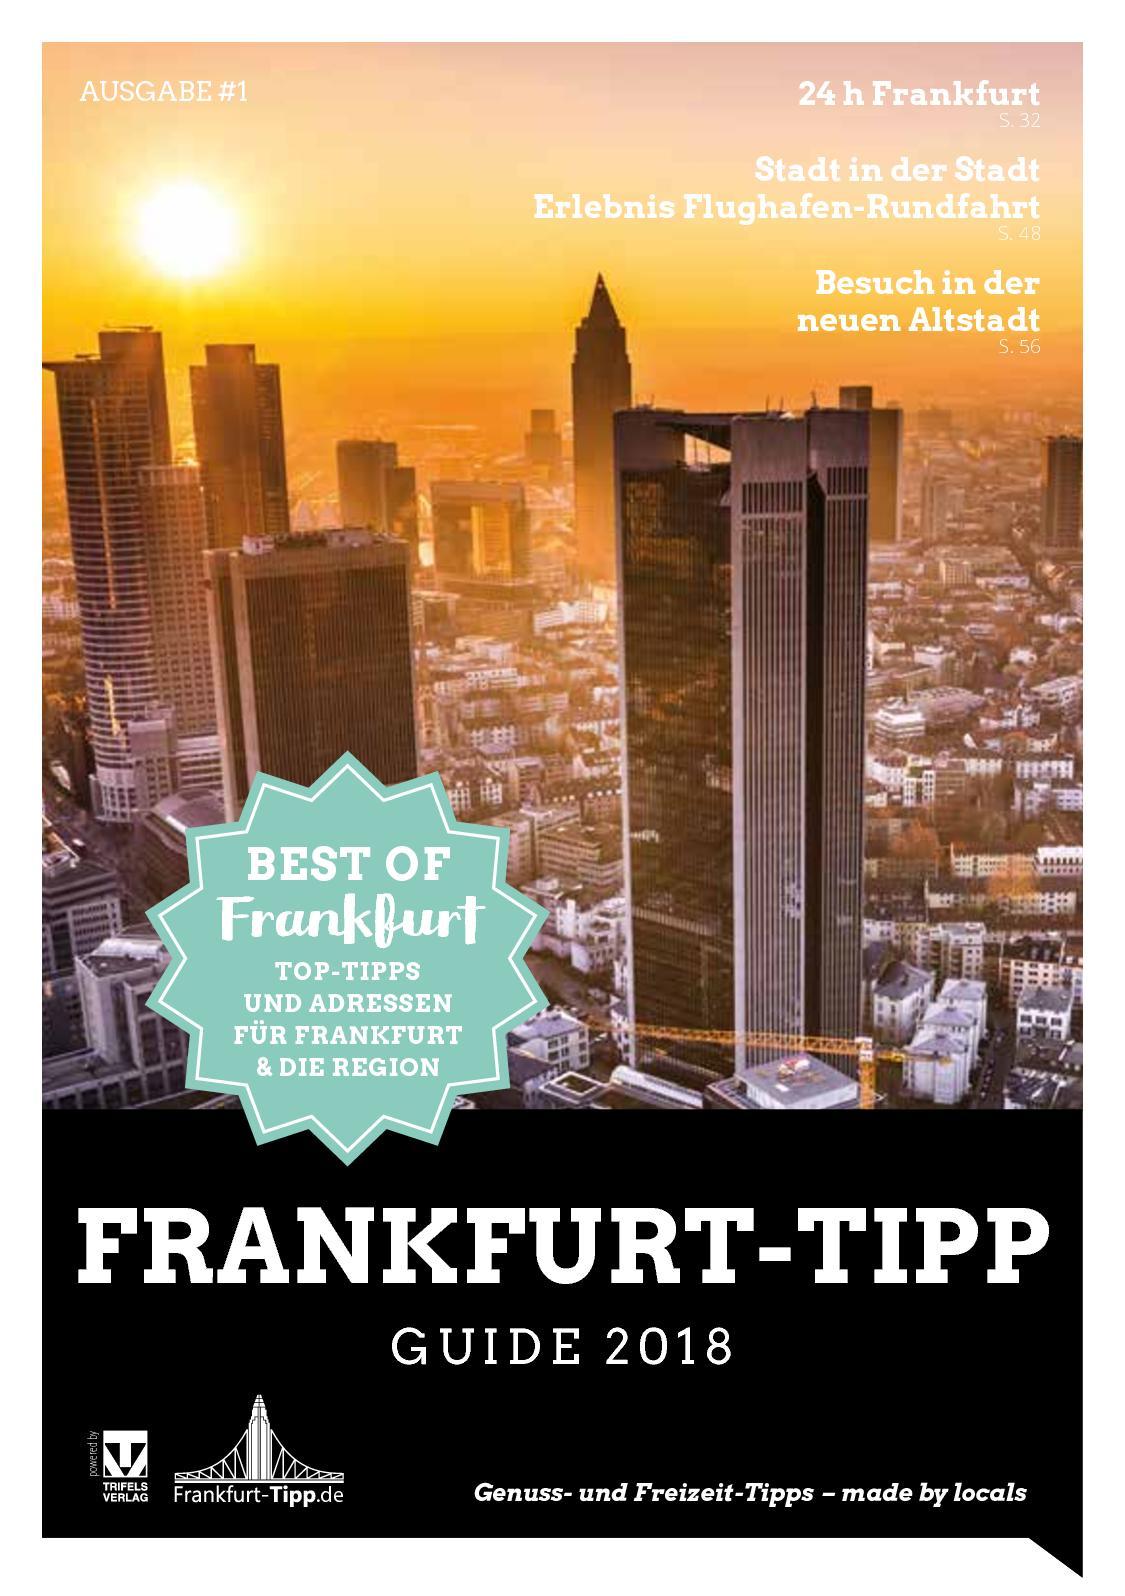 Calaméo - Frankfurt Tipp Guide 2018